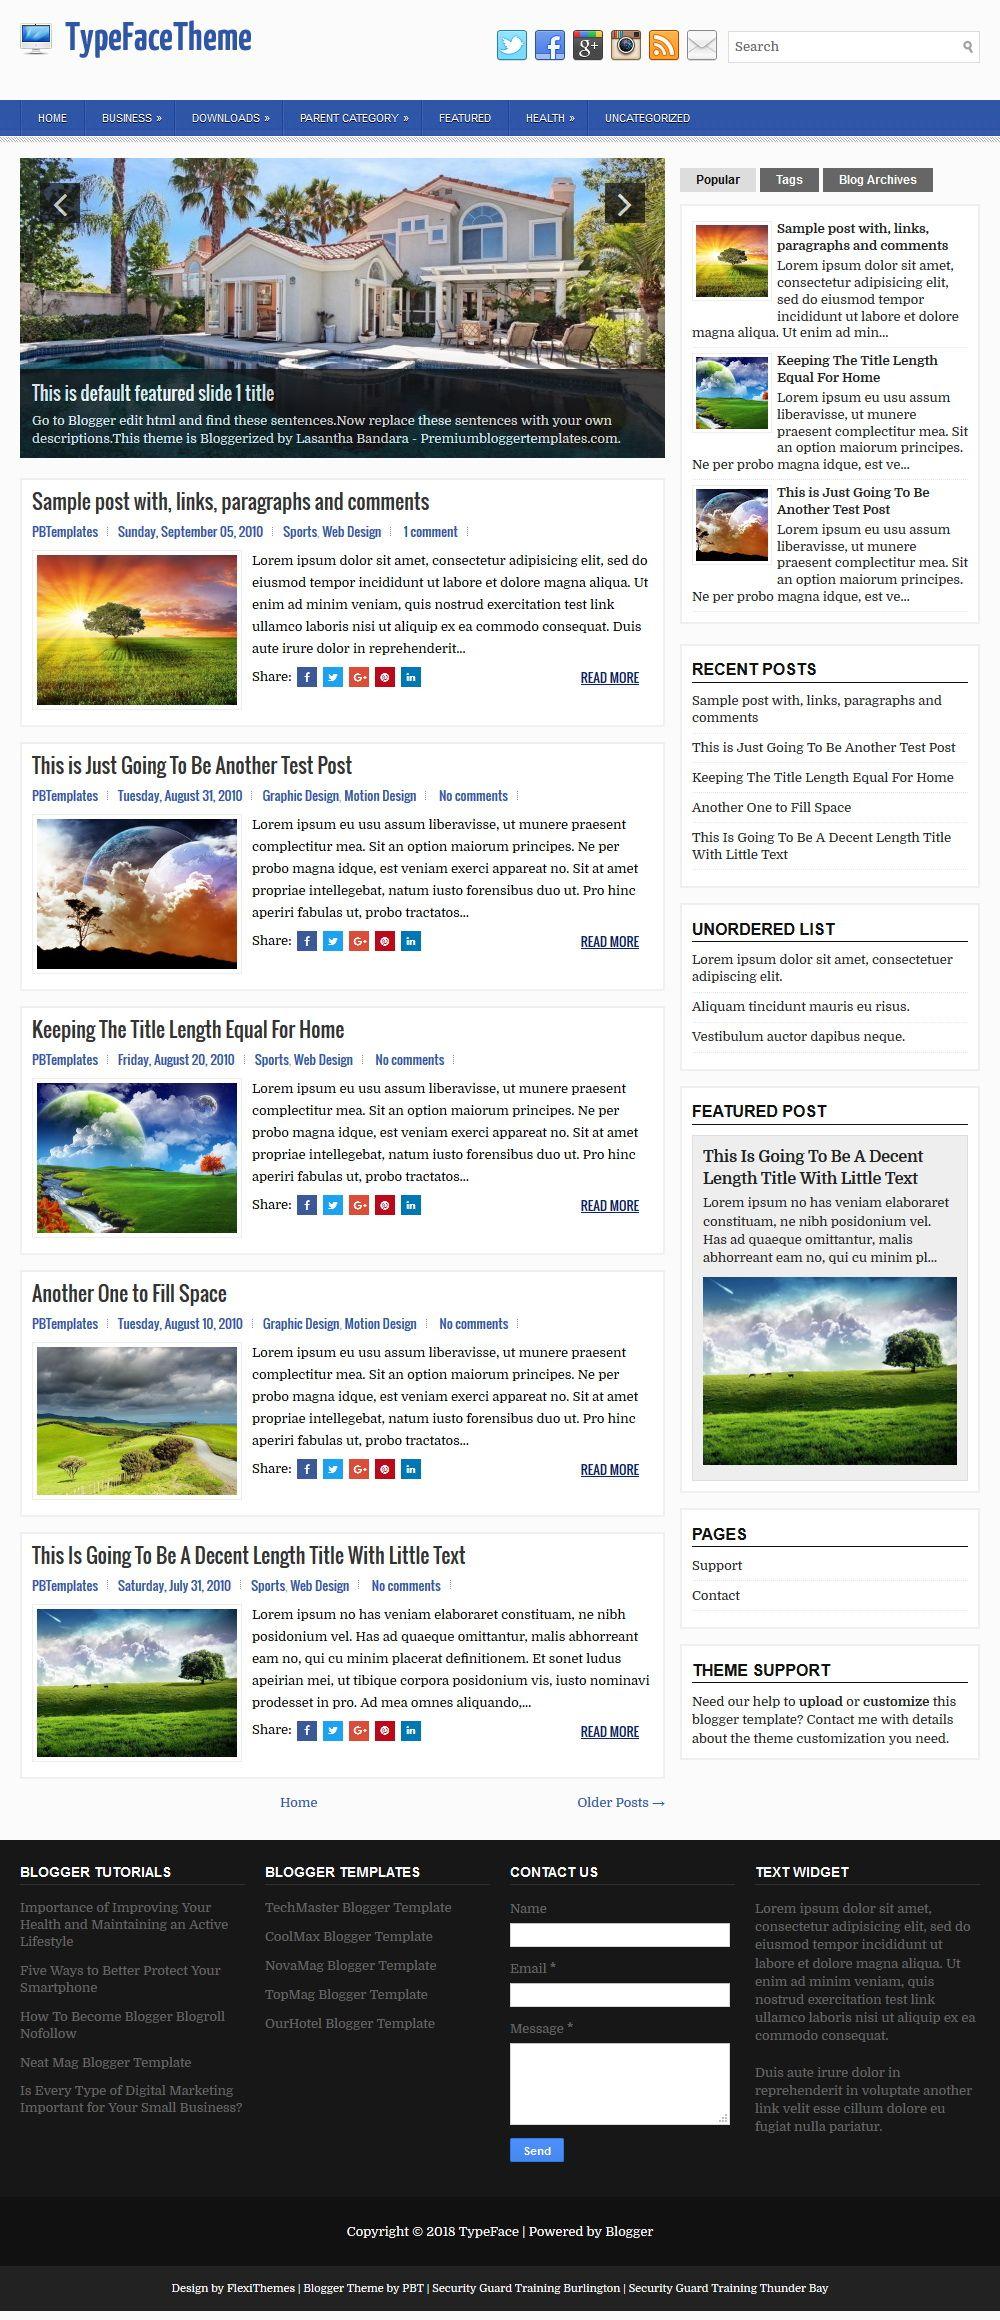 TypeFace Blogger Template | Blogger templates, Social ...